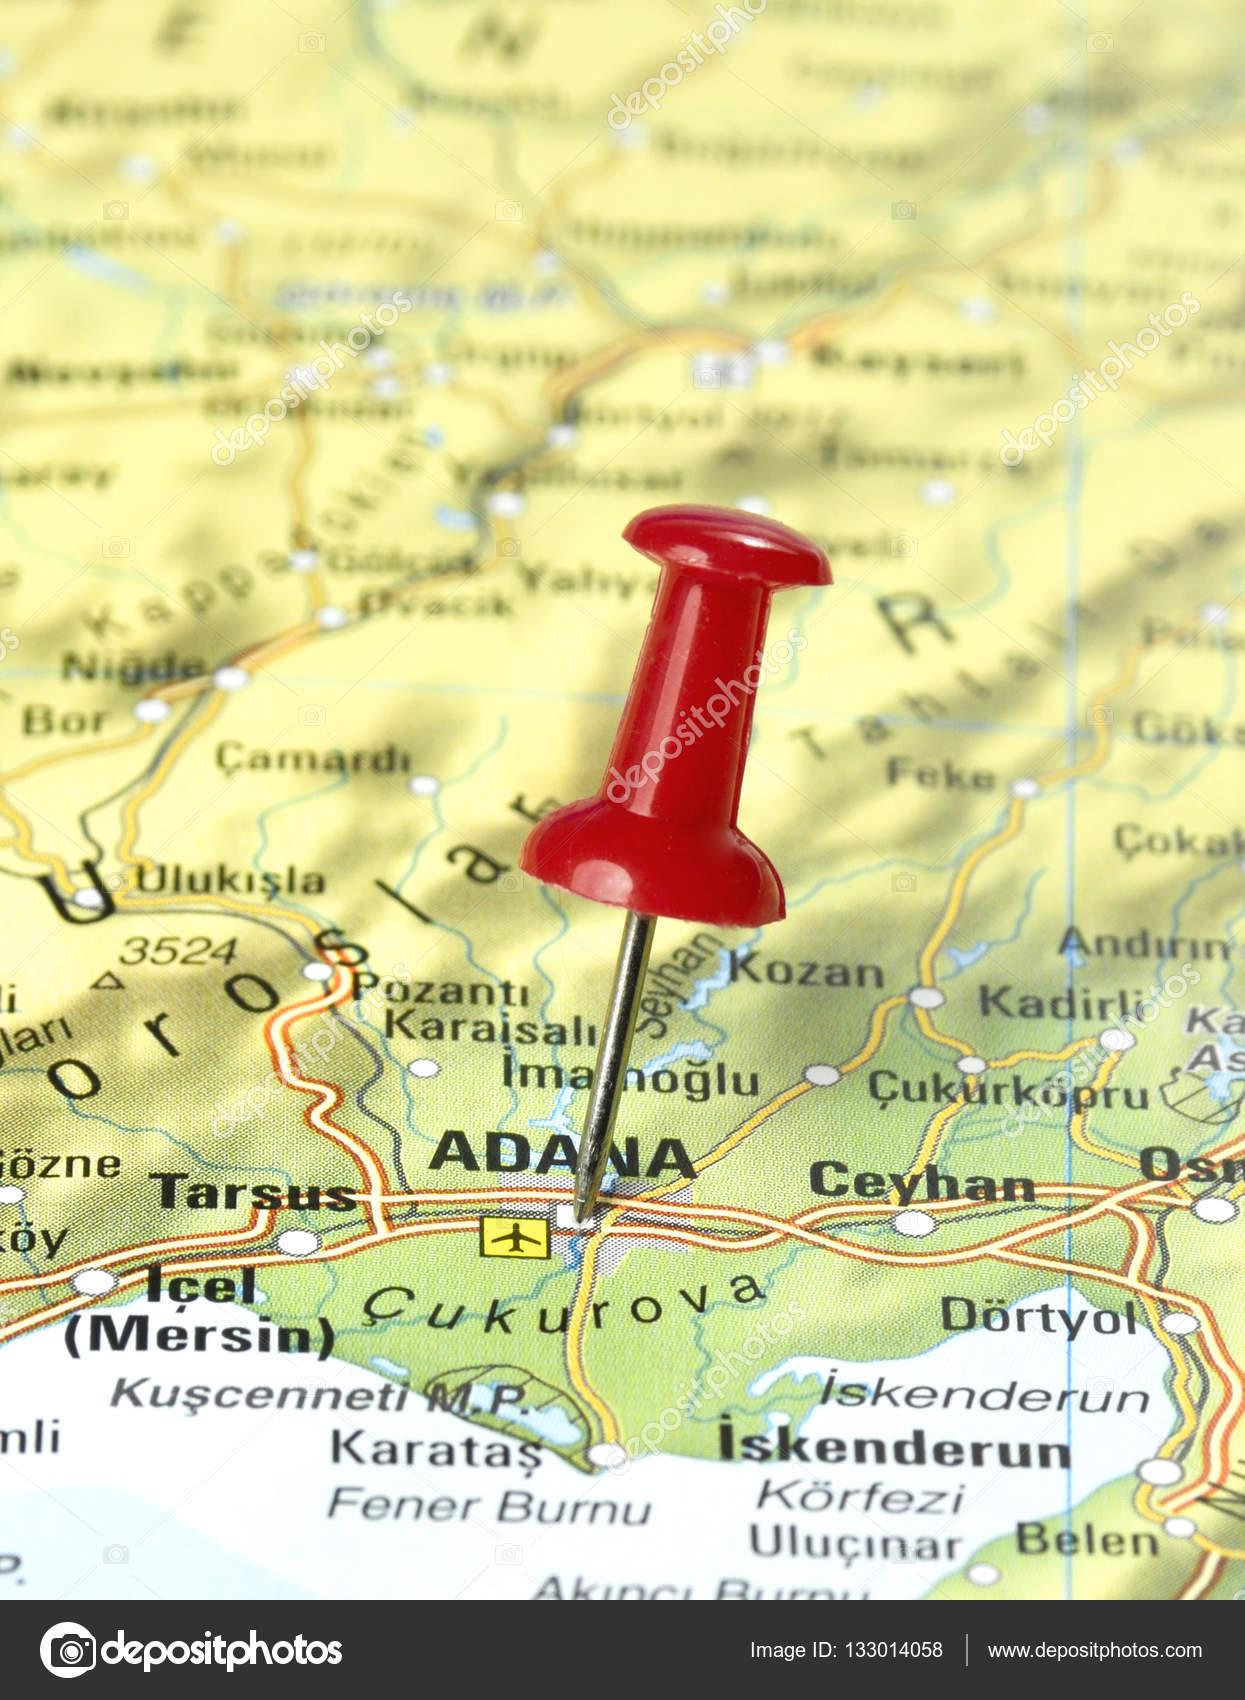 Map of Turkey with pin set on Adana Stock Photo Eivaisla 133014058